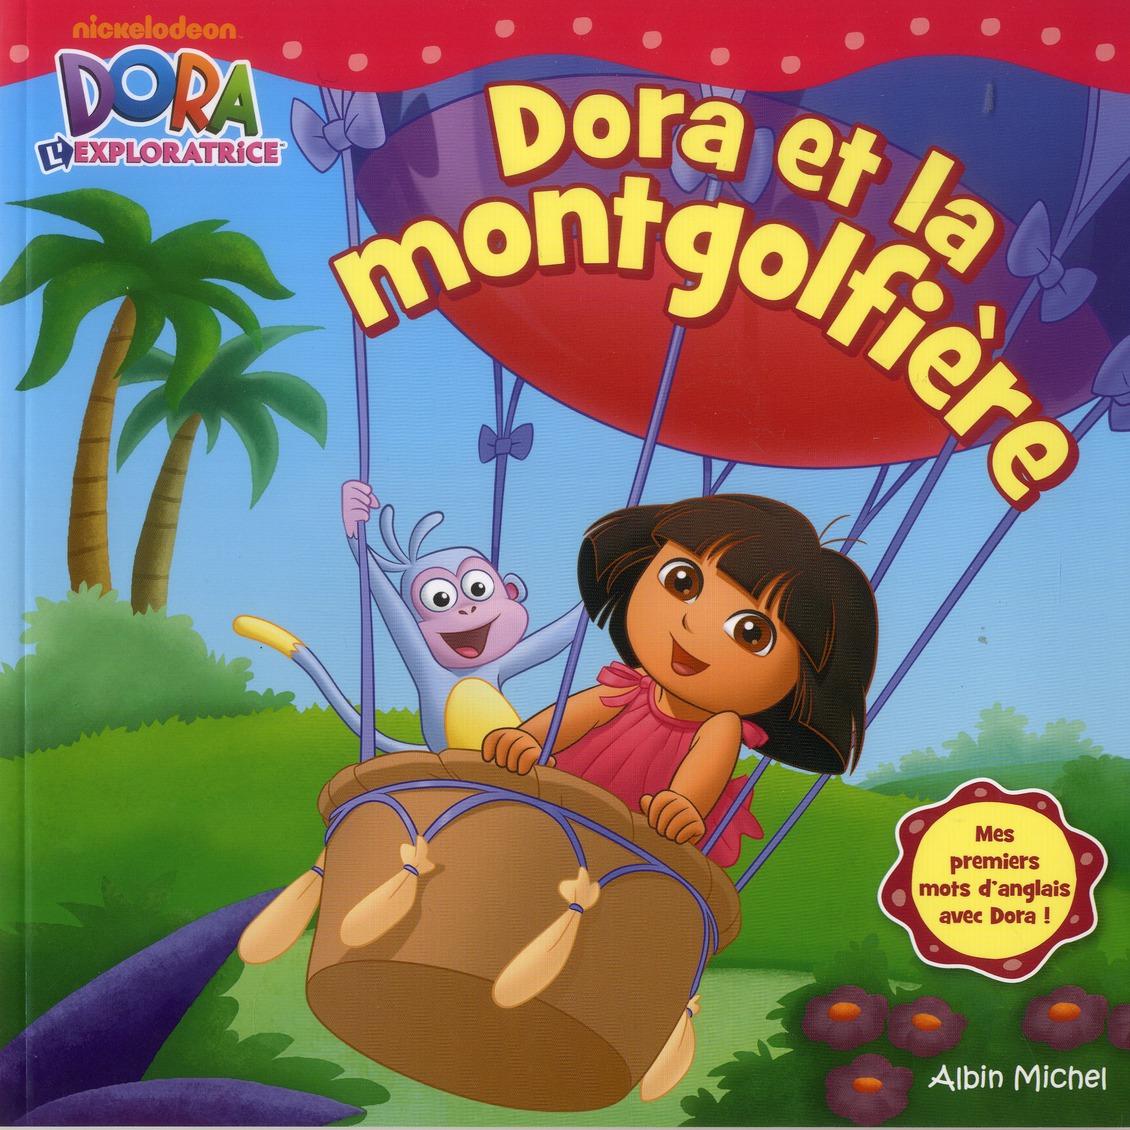 Dora Et La Mongolfiere